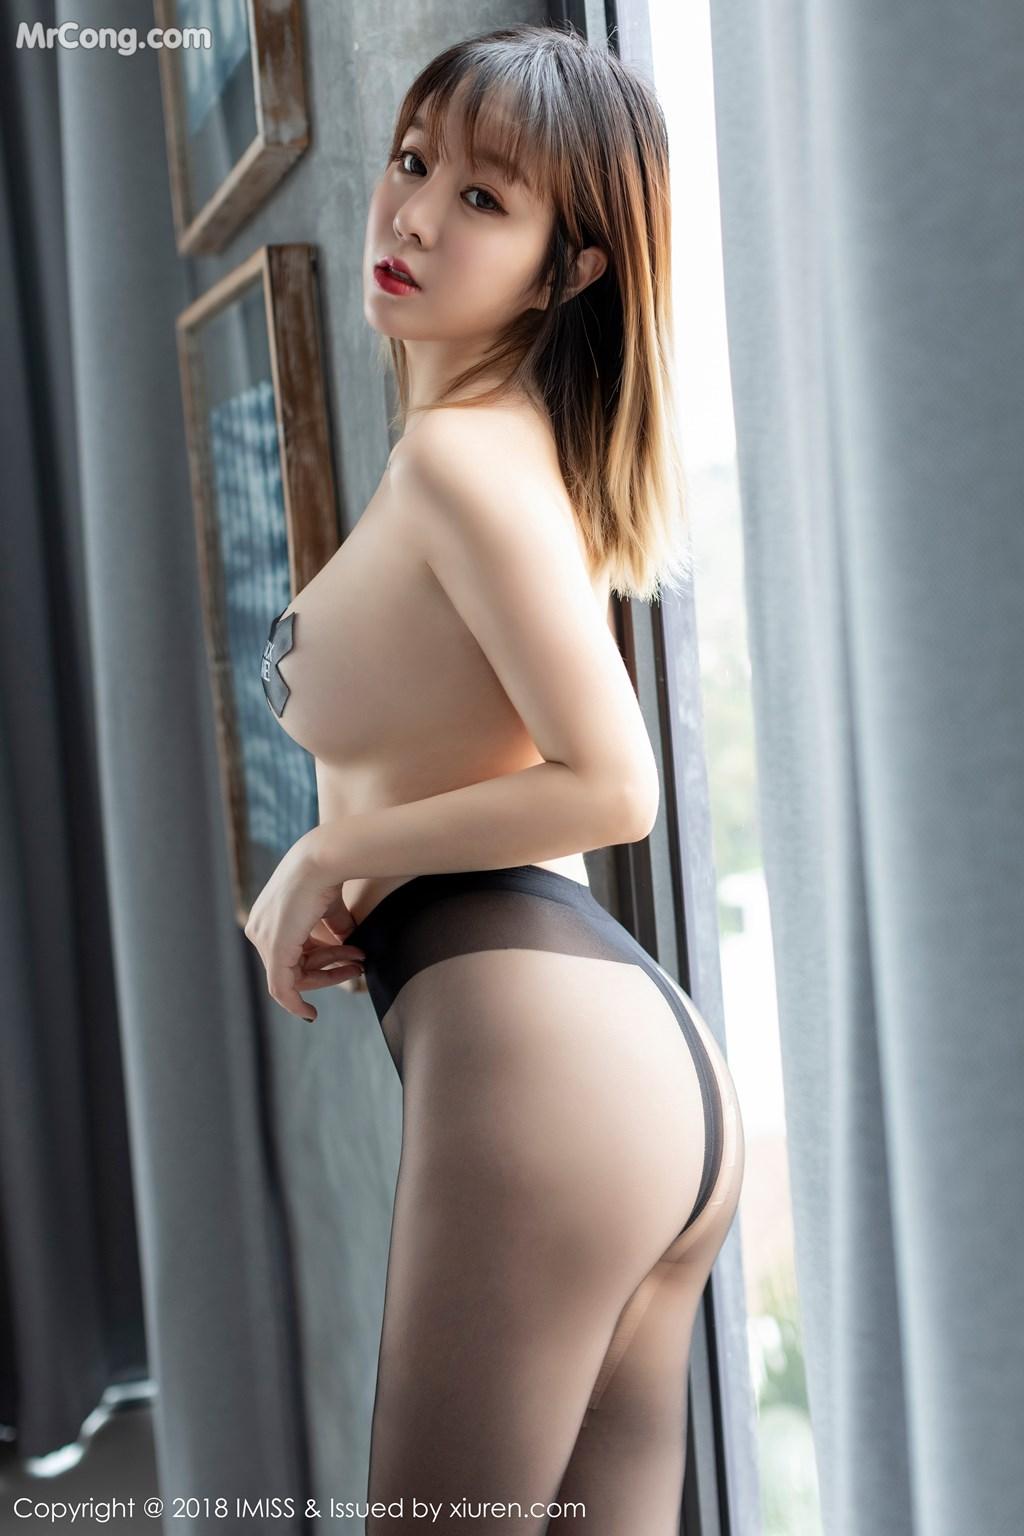 Image IMISS-Vol.310-Wang-Yu-Chun-MrCong.com-006 in post IMISS Vol.310: Người mẫu Wang Yu Chun (王雨纯) (37 ảnh)